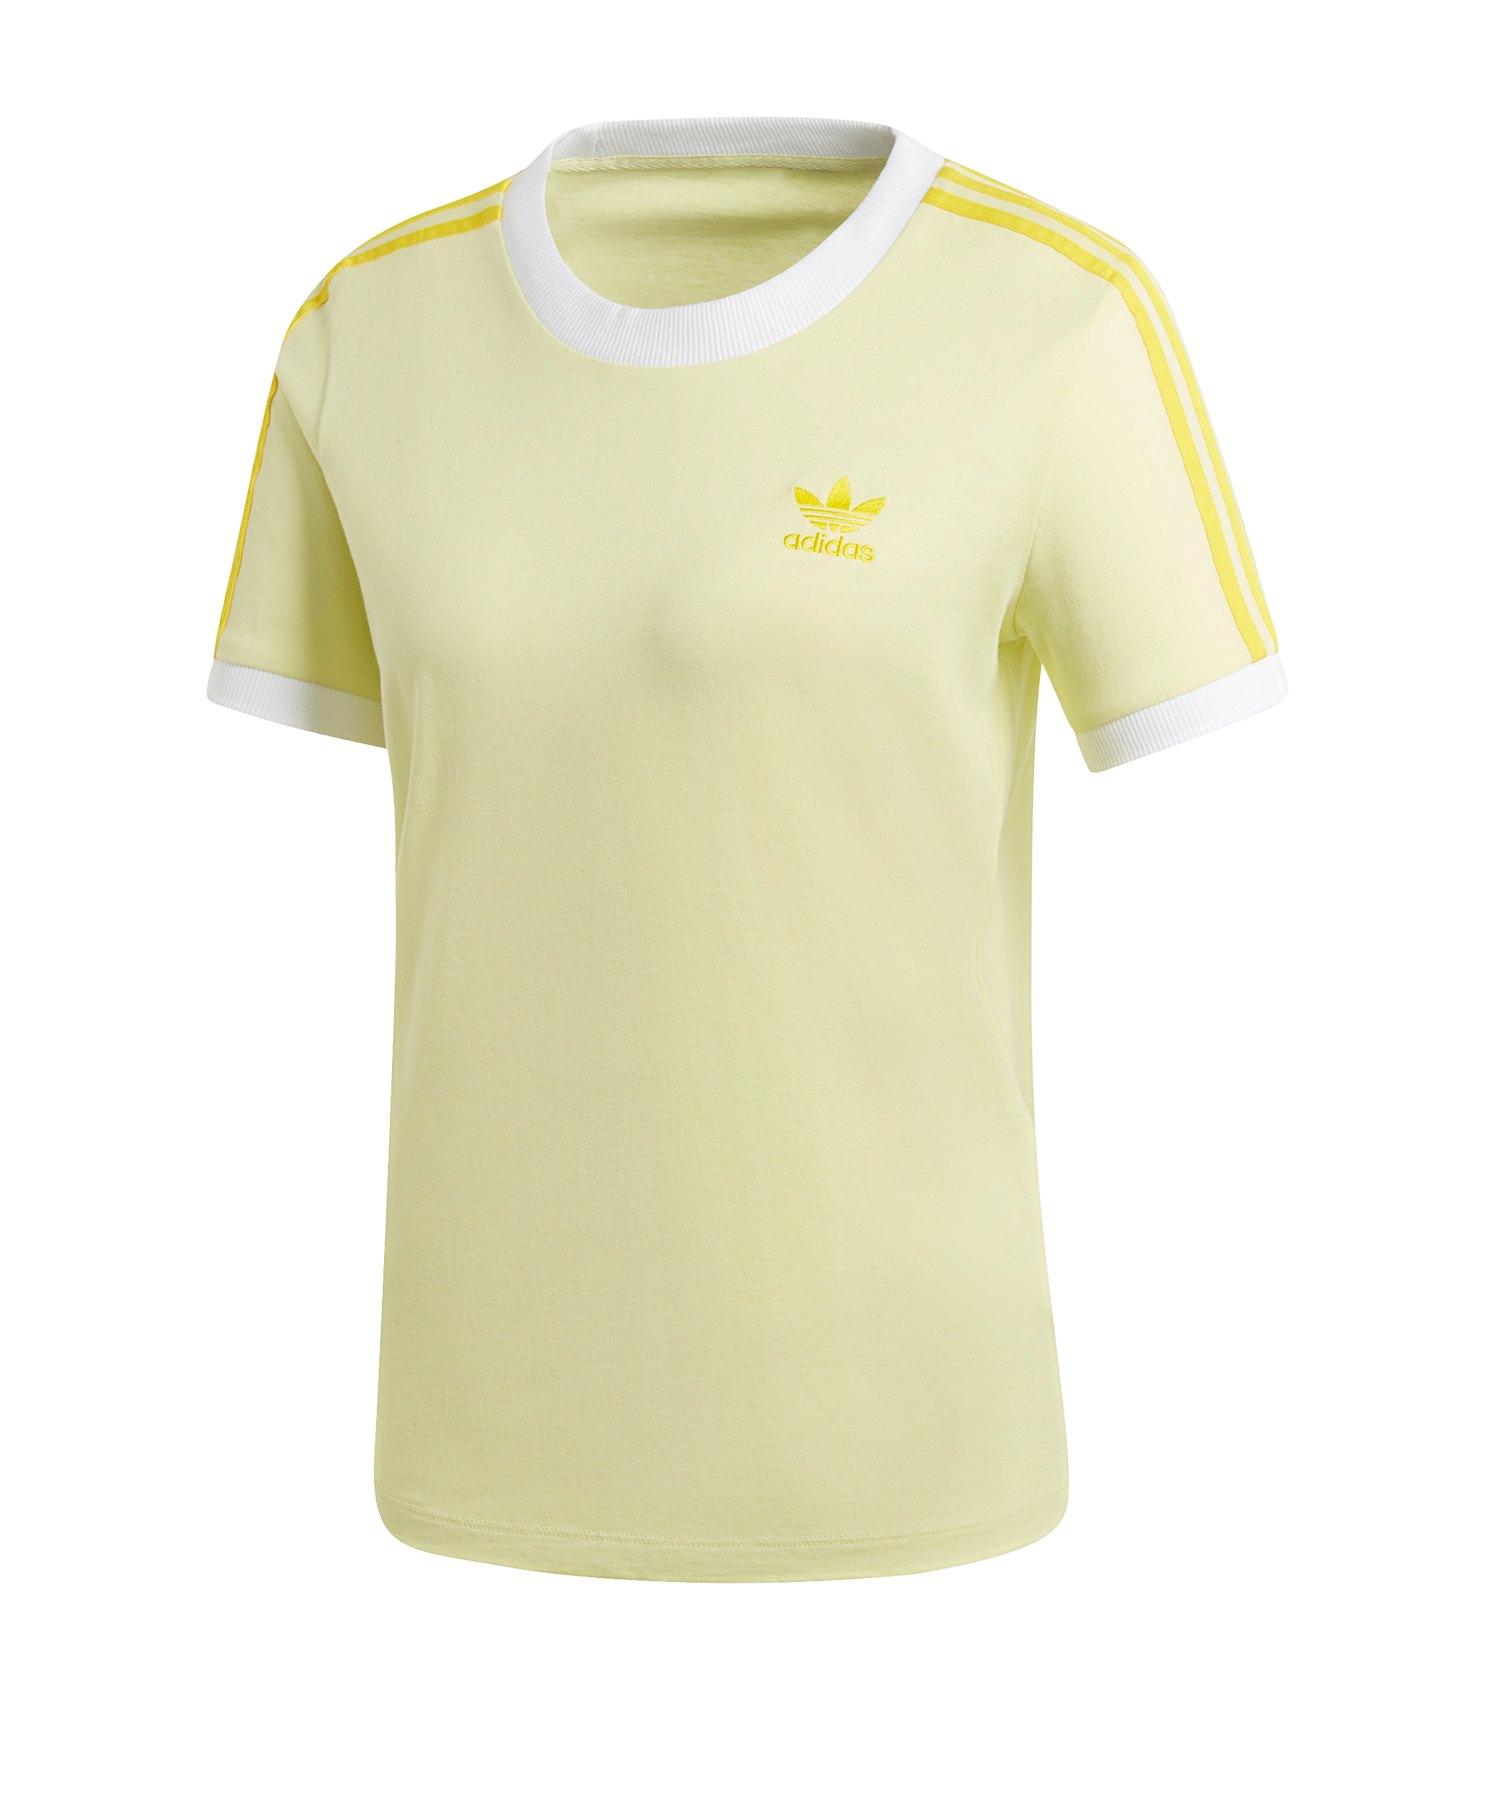 adidas Kinder Oberteile Hohe Qualität adidas Brazil Tee Gelb